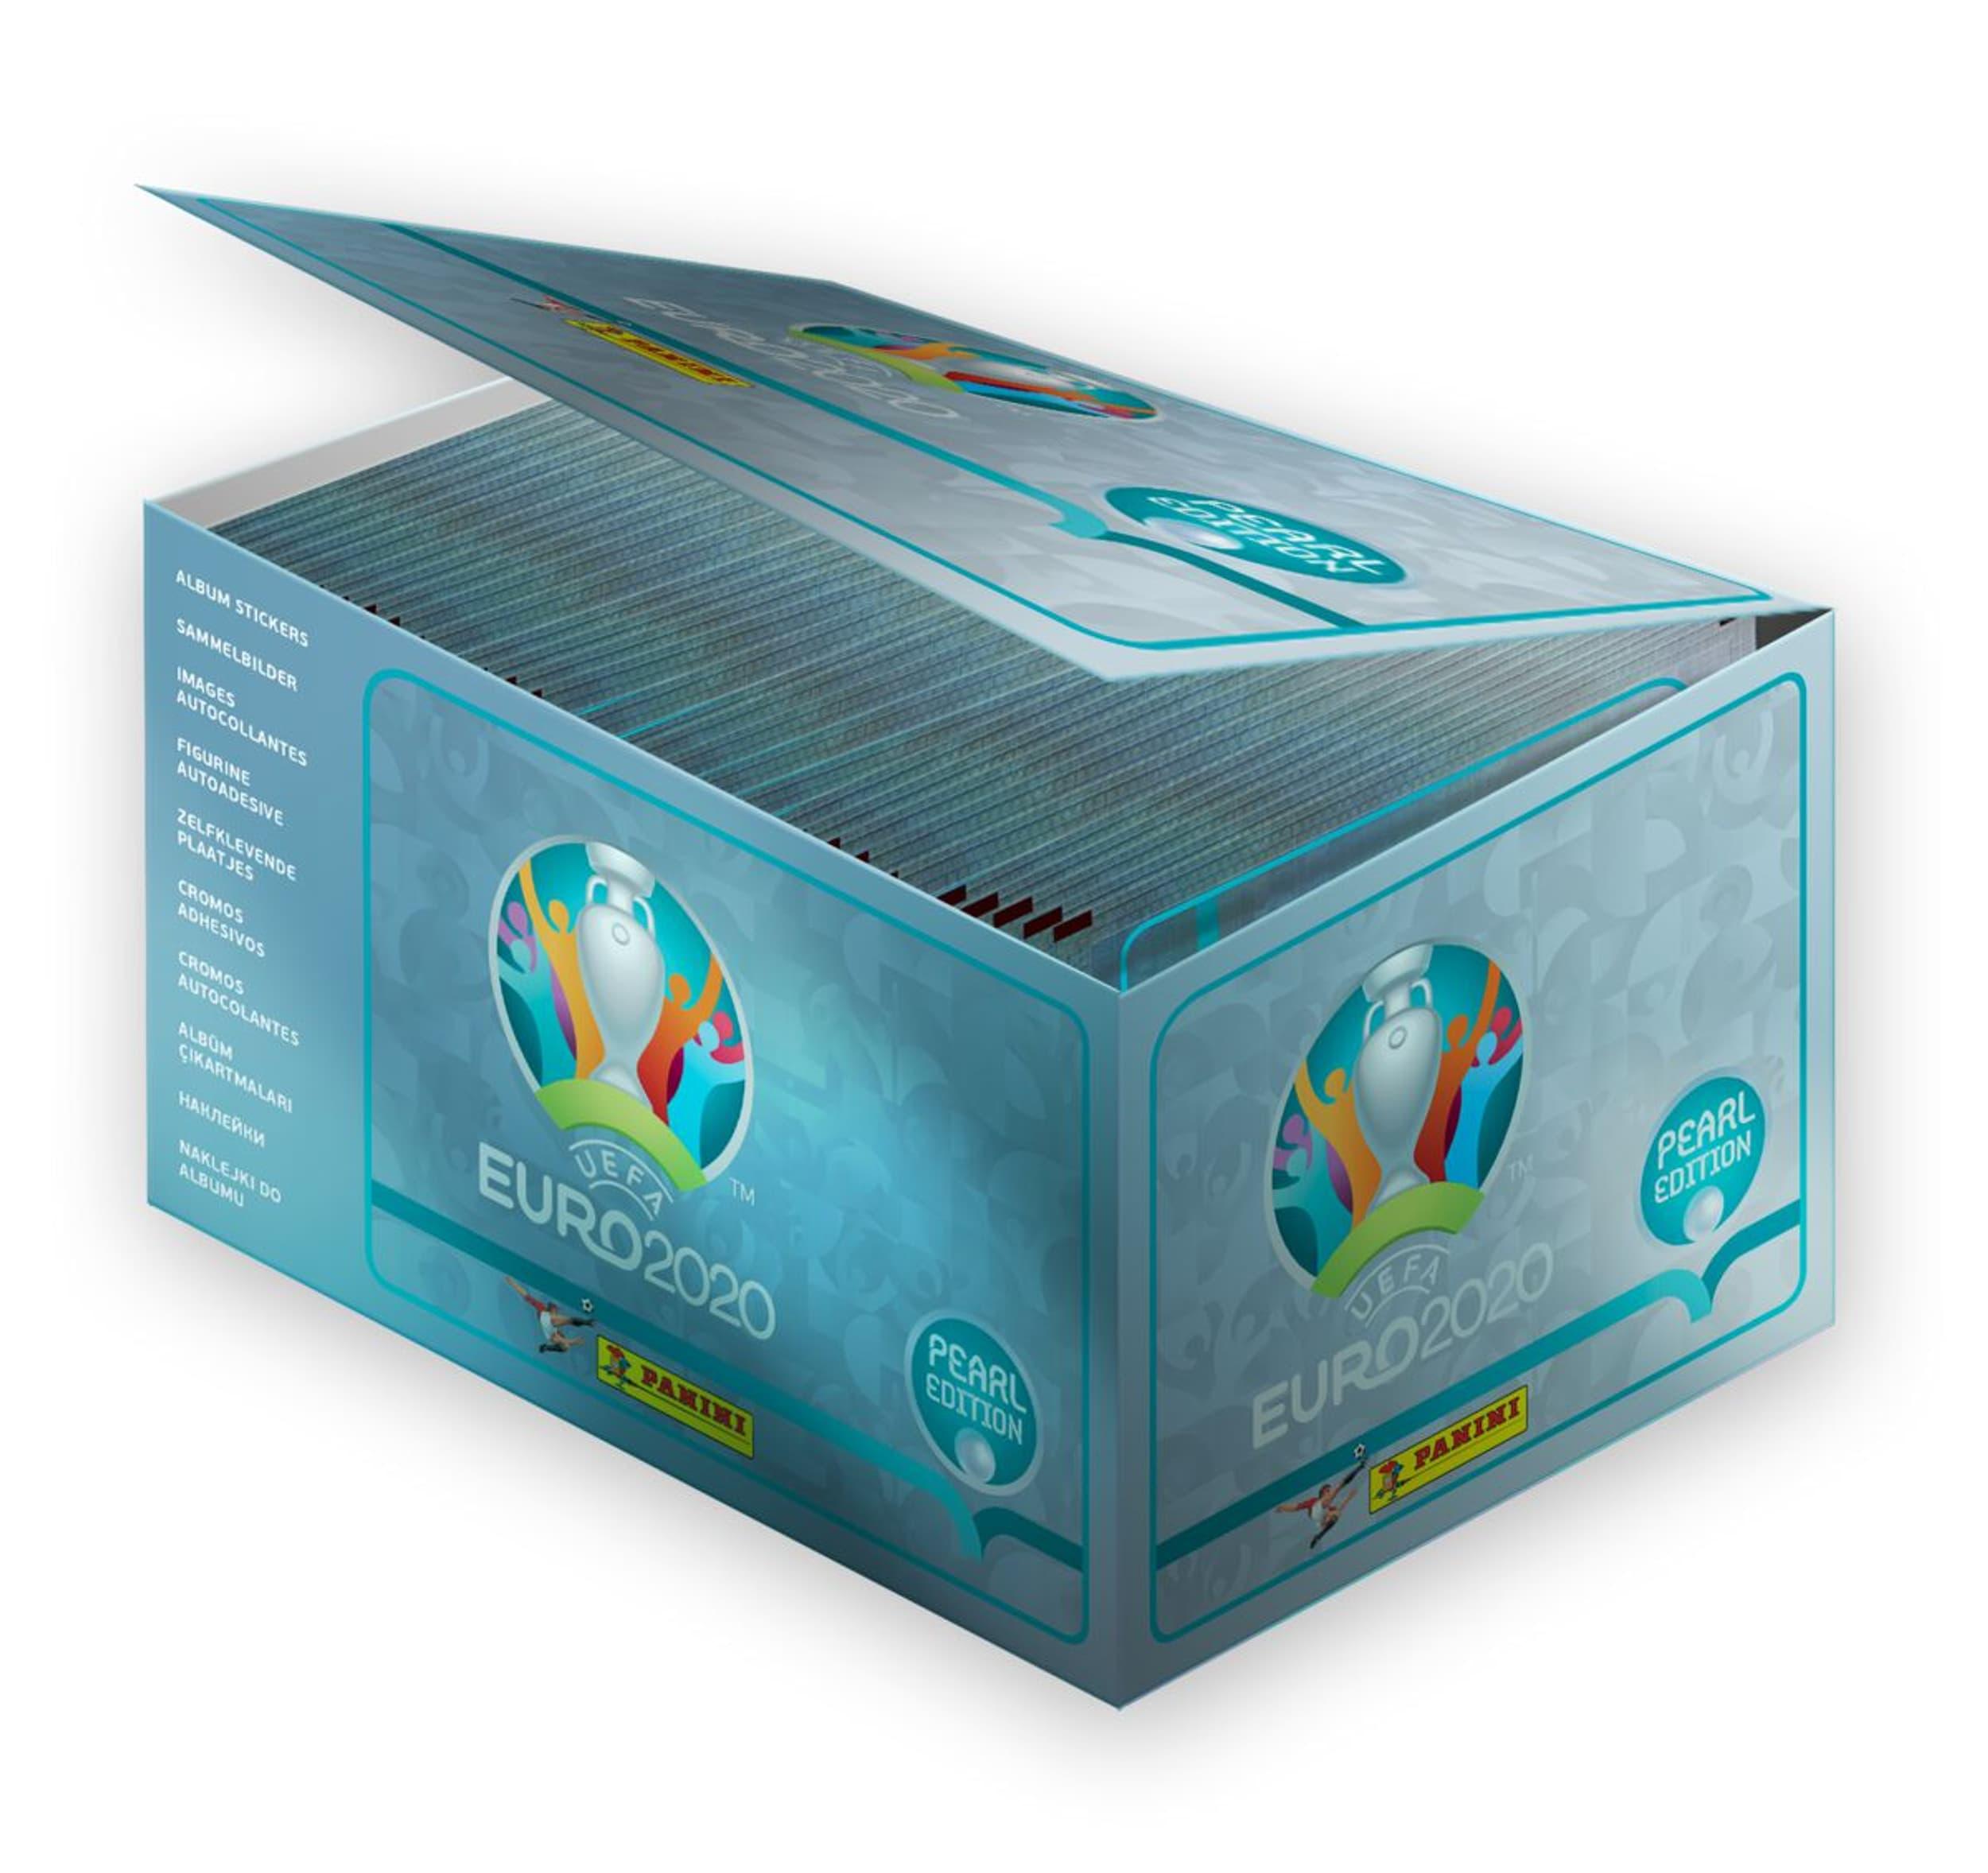 Panini Euro 2020 100x5 Stickers